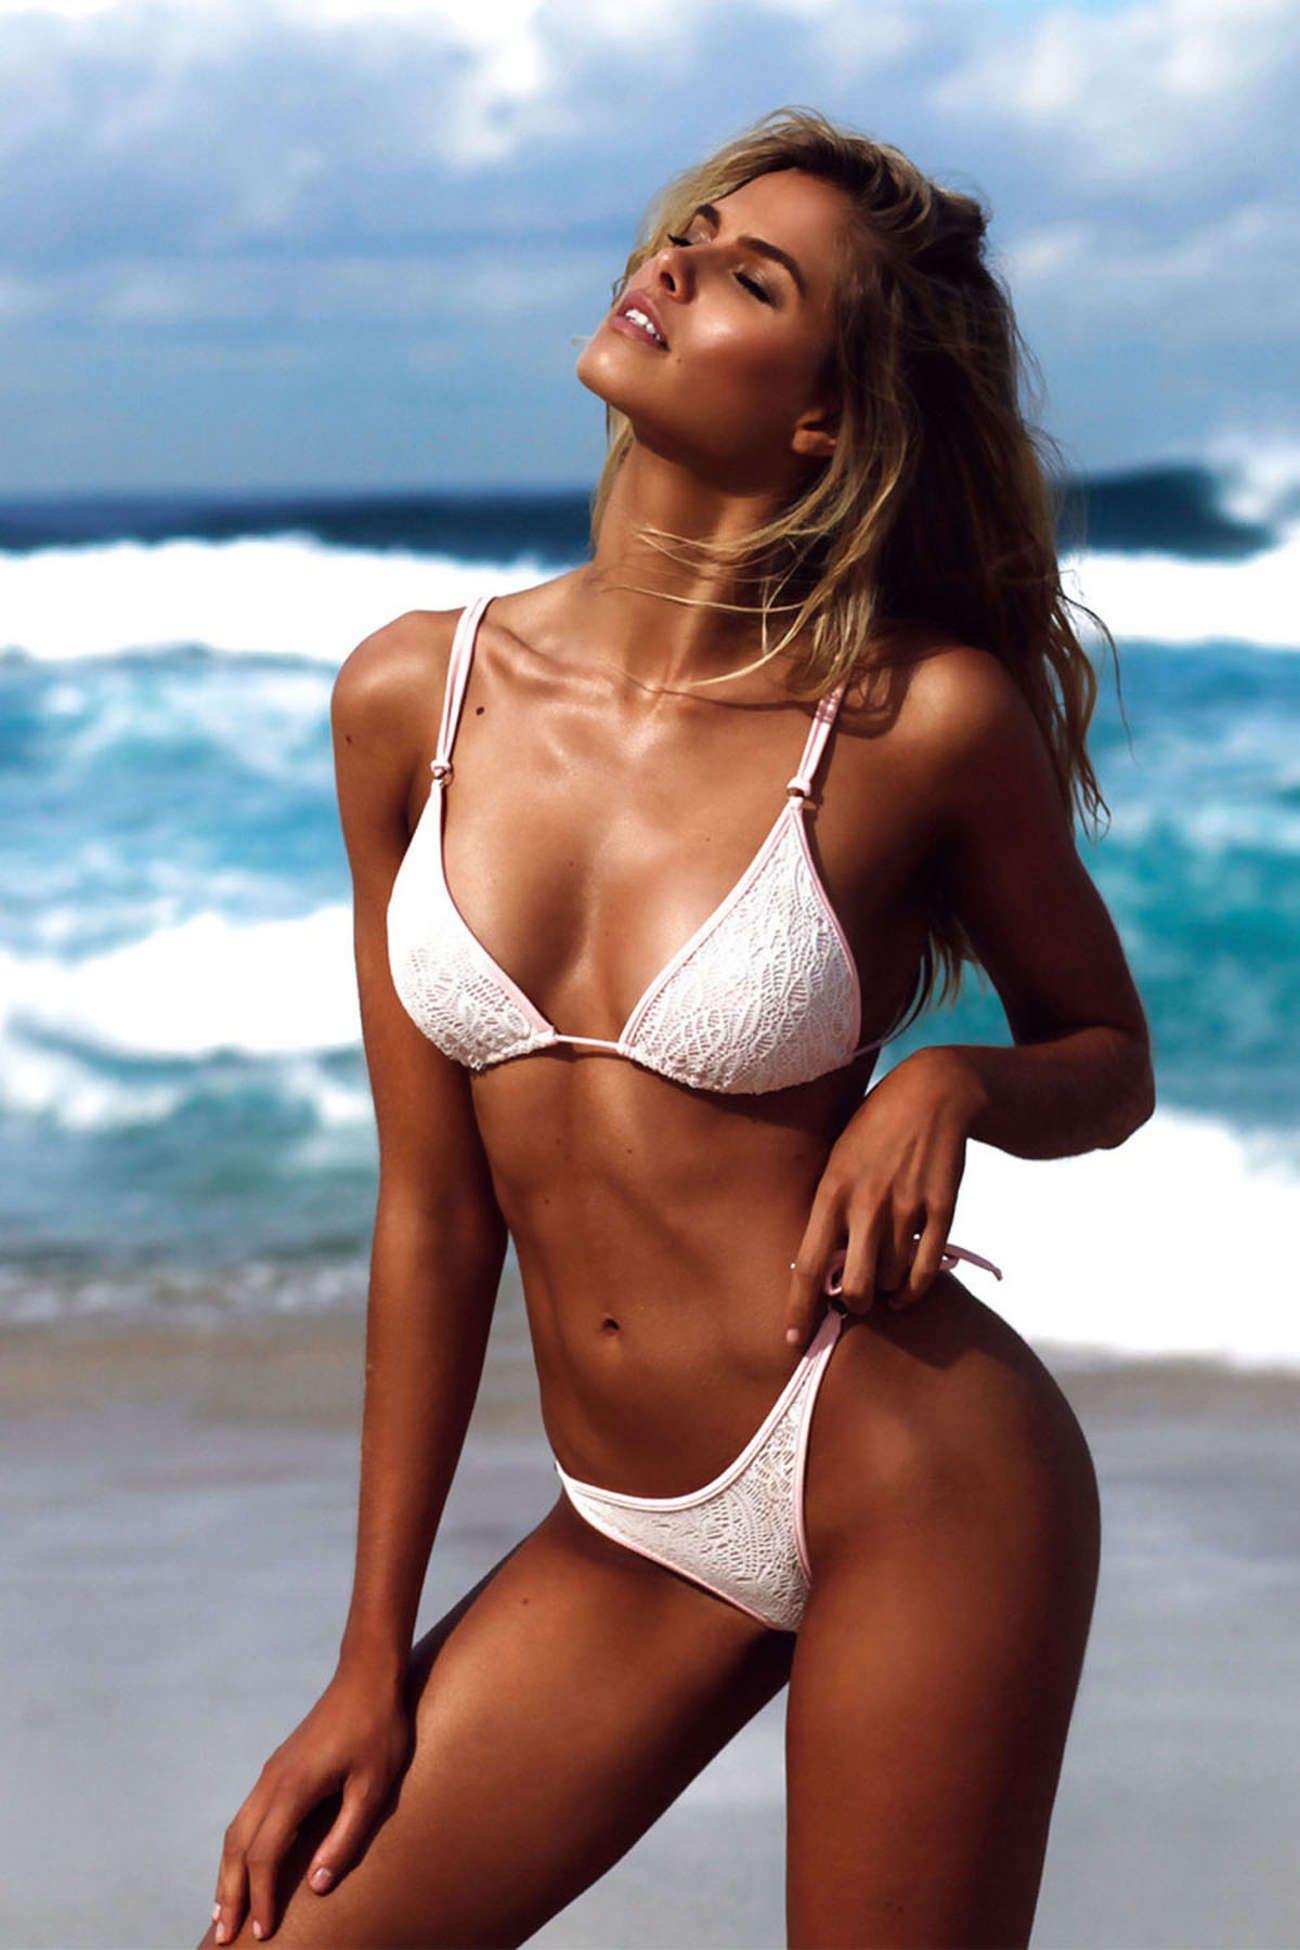 ICloud Natalie Jayne Roser nude (46 photo), Leaked